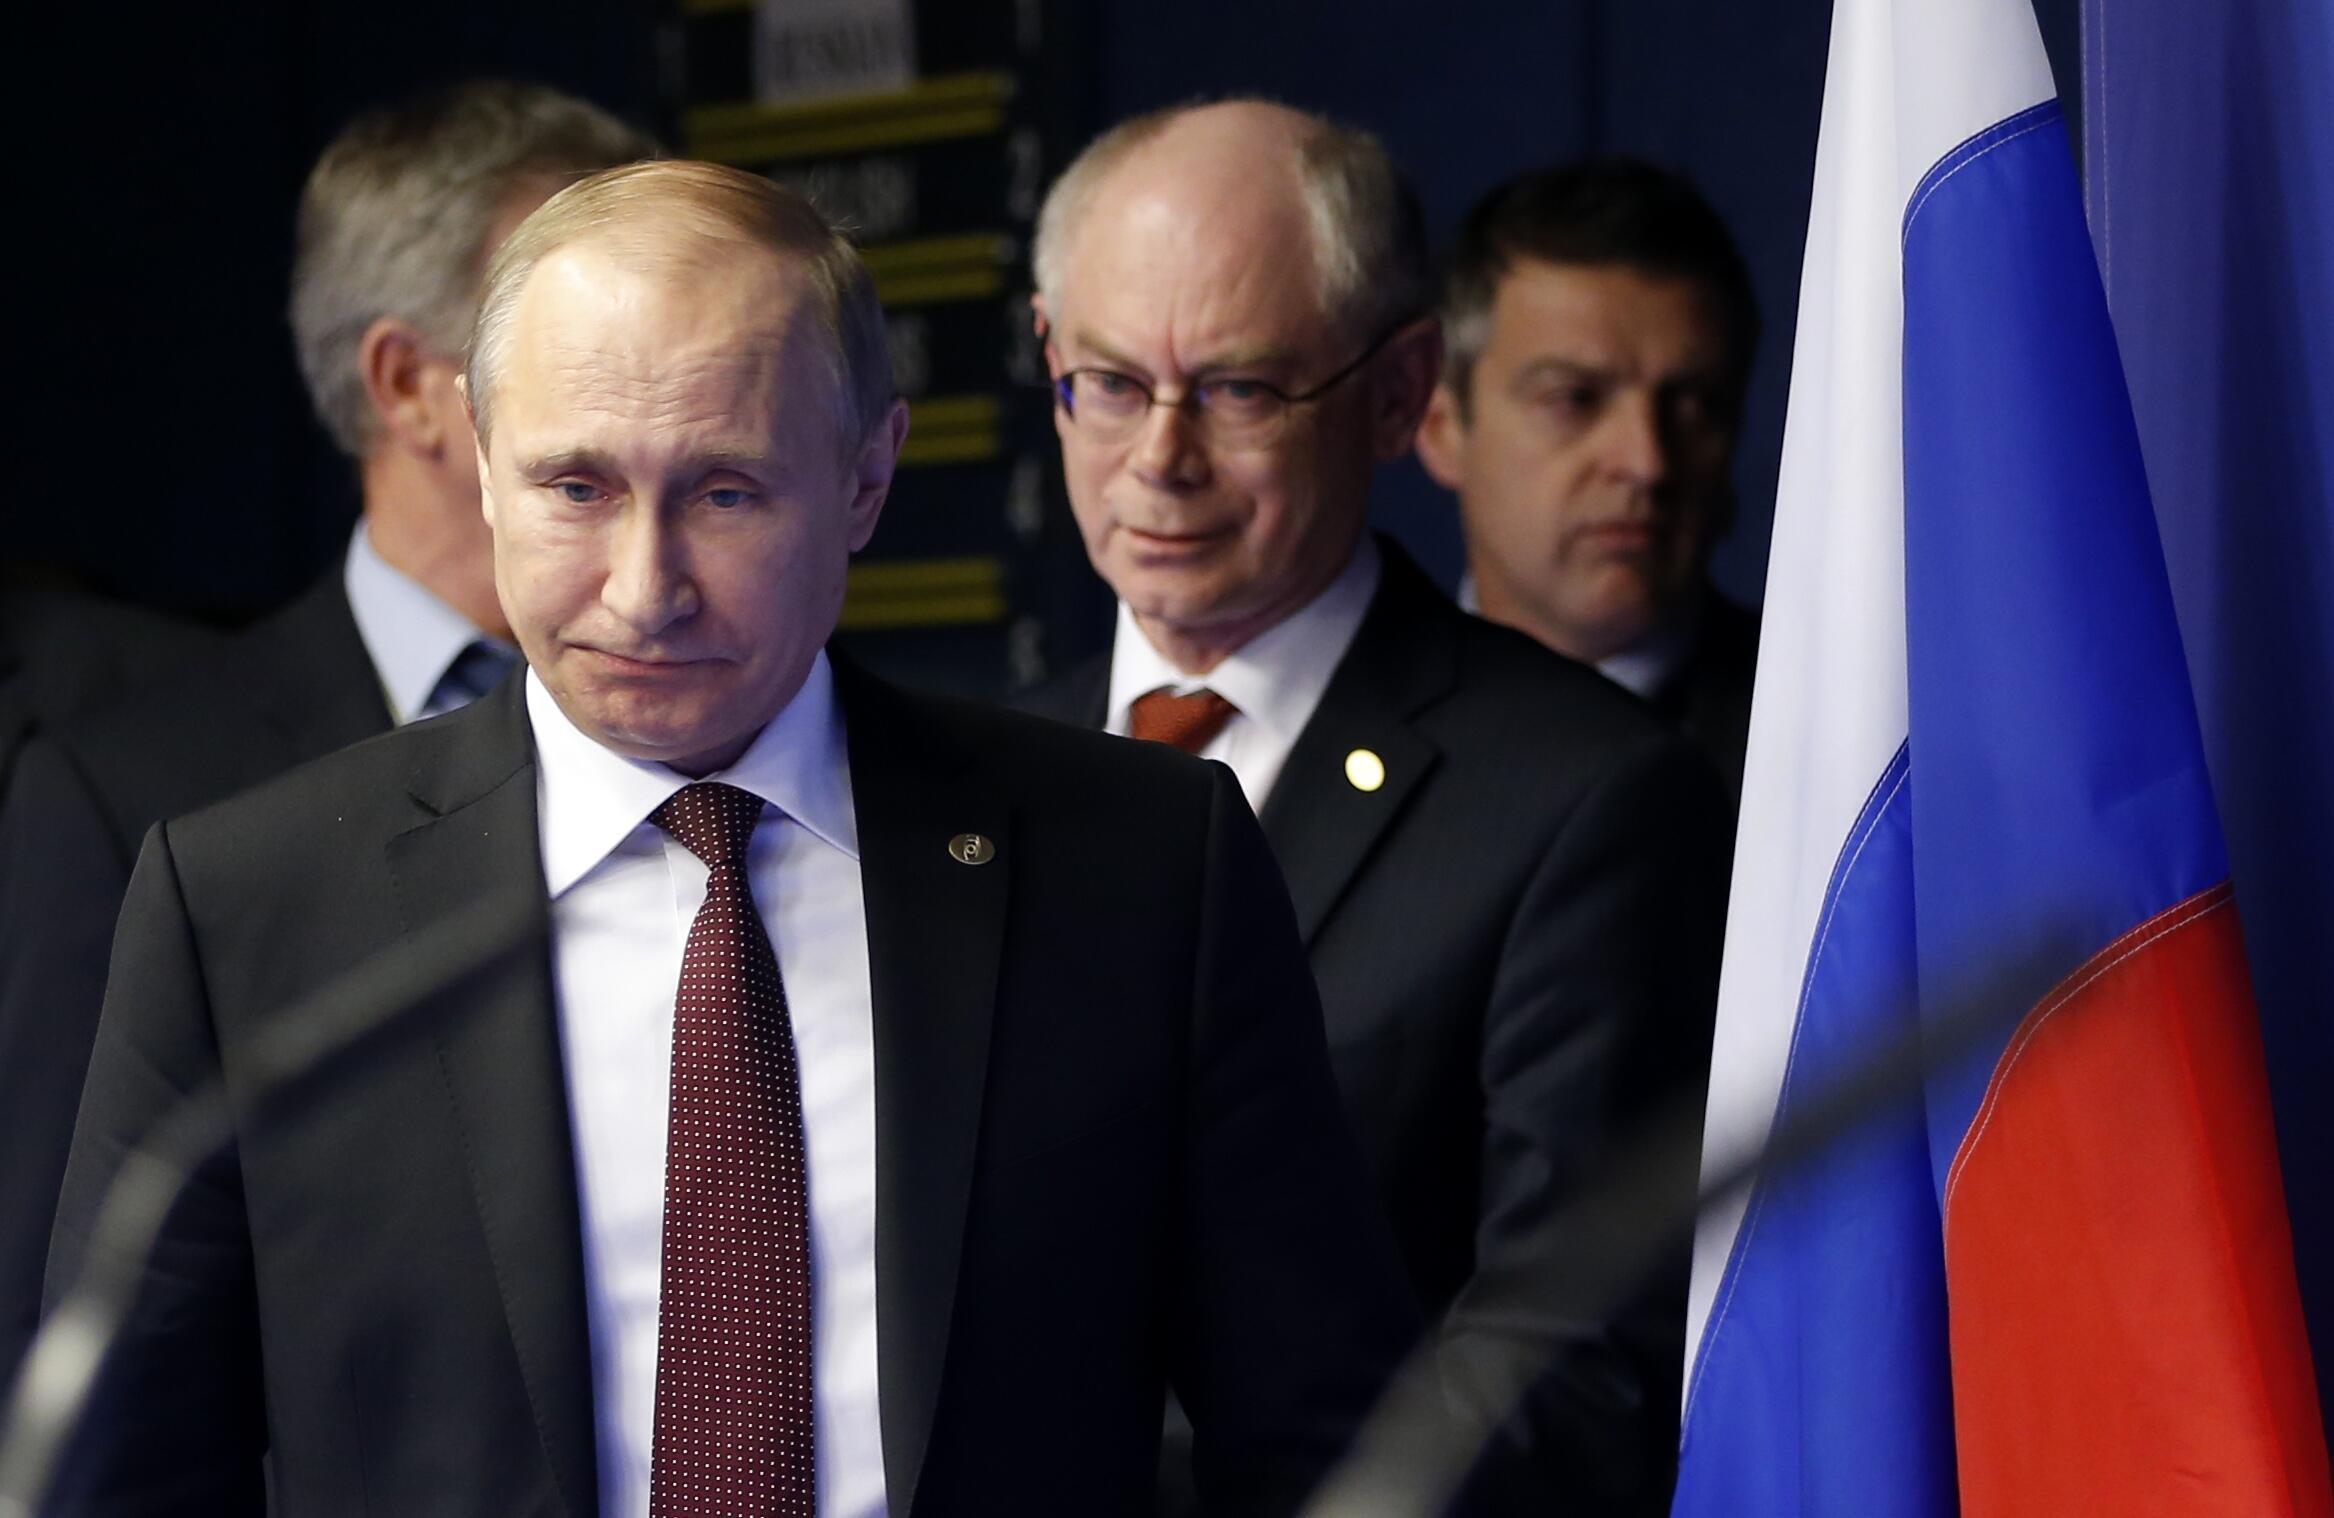 Le président russe Vladimir Poutine (g.) et le président du Conseil européen Herman Van Rompuy, à Bruxelles, le 28 janvier 2014.